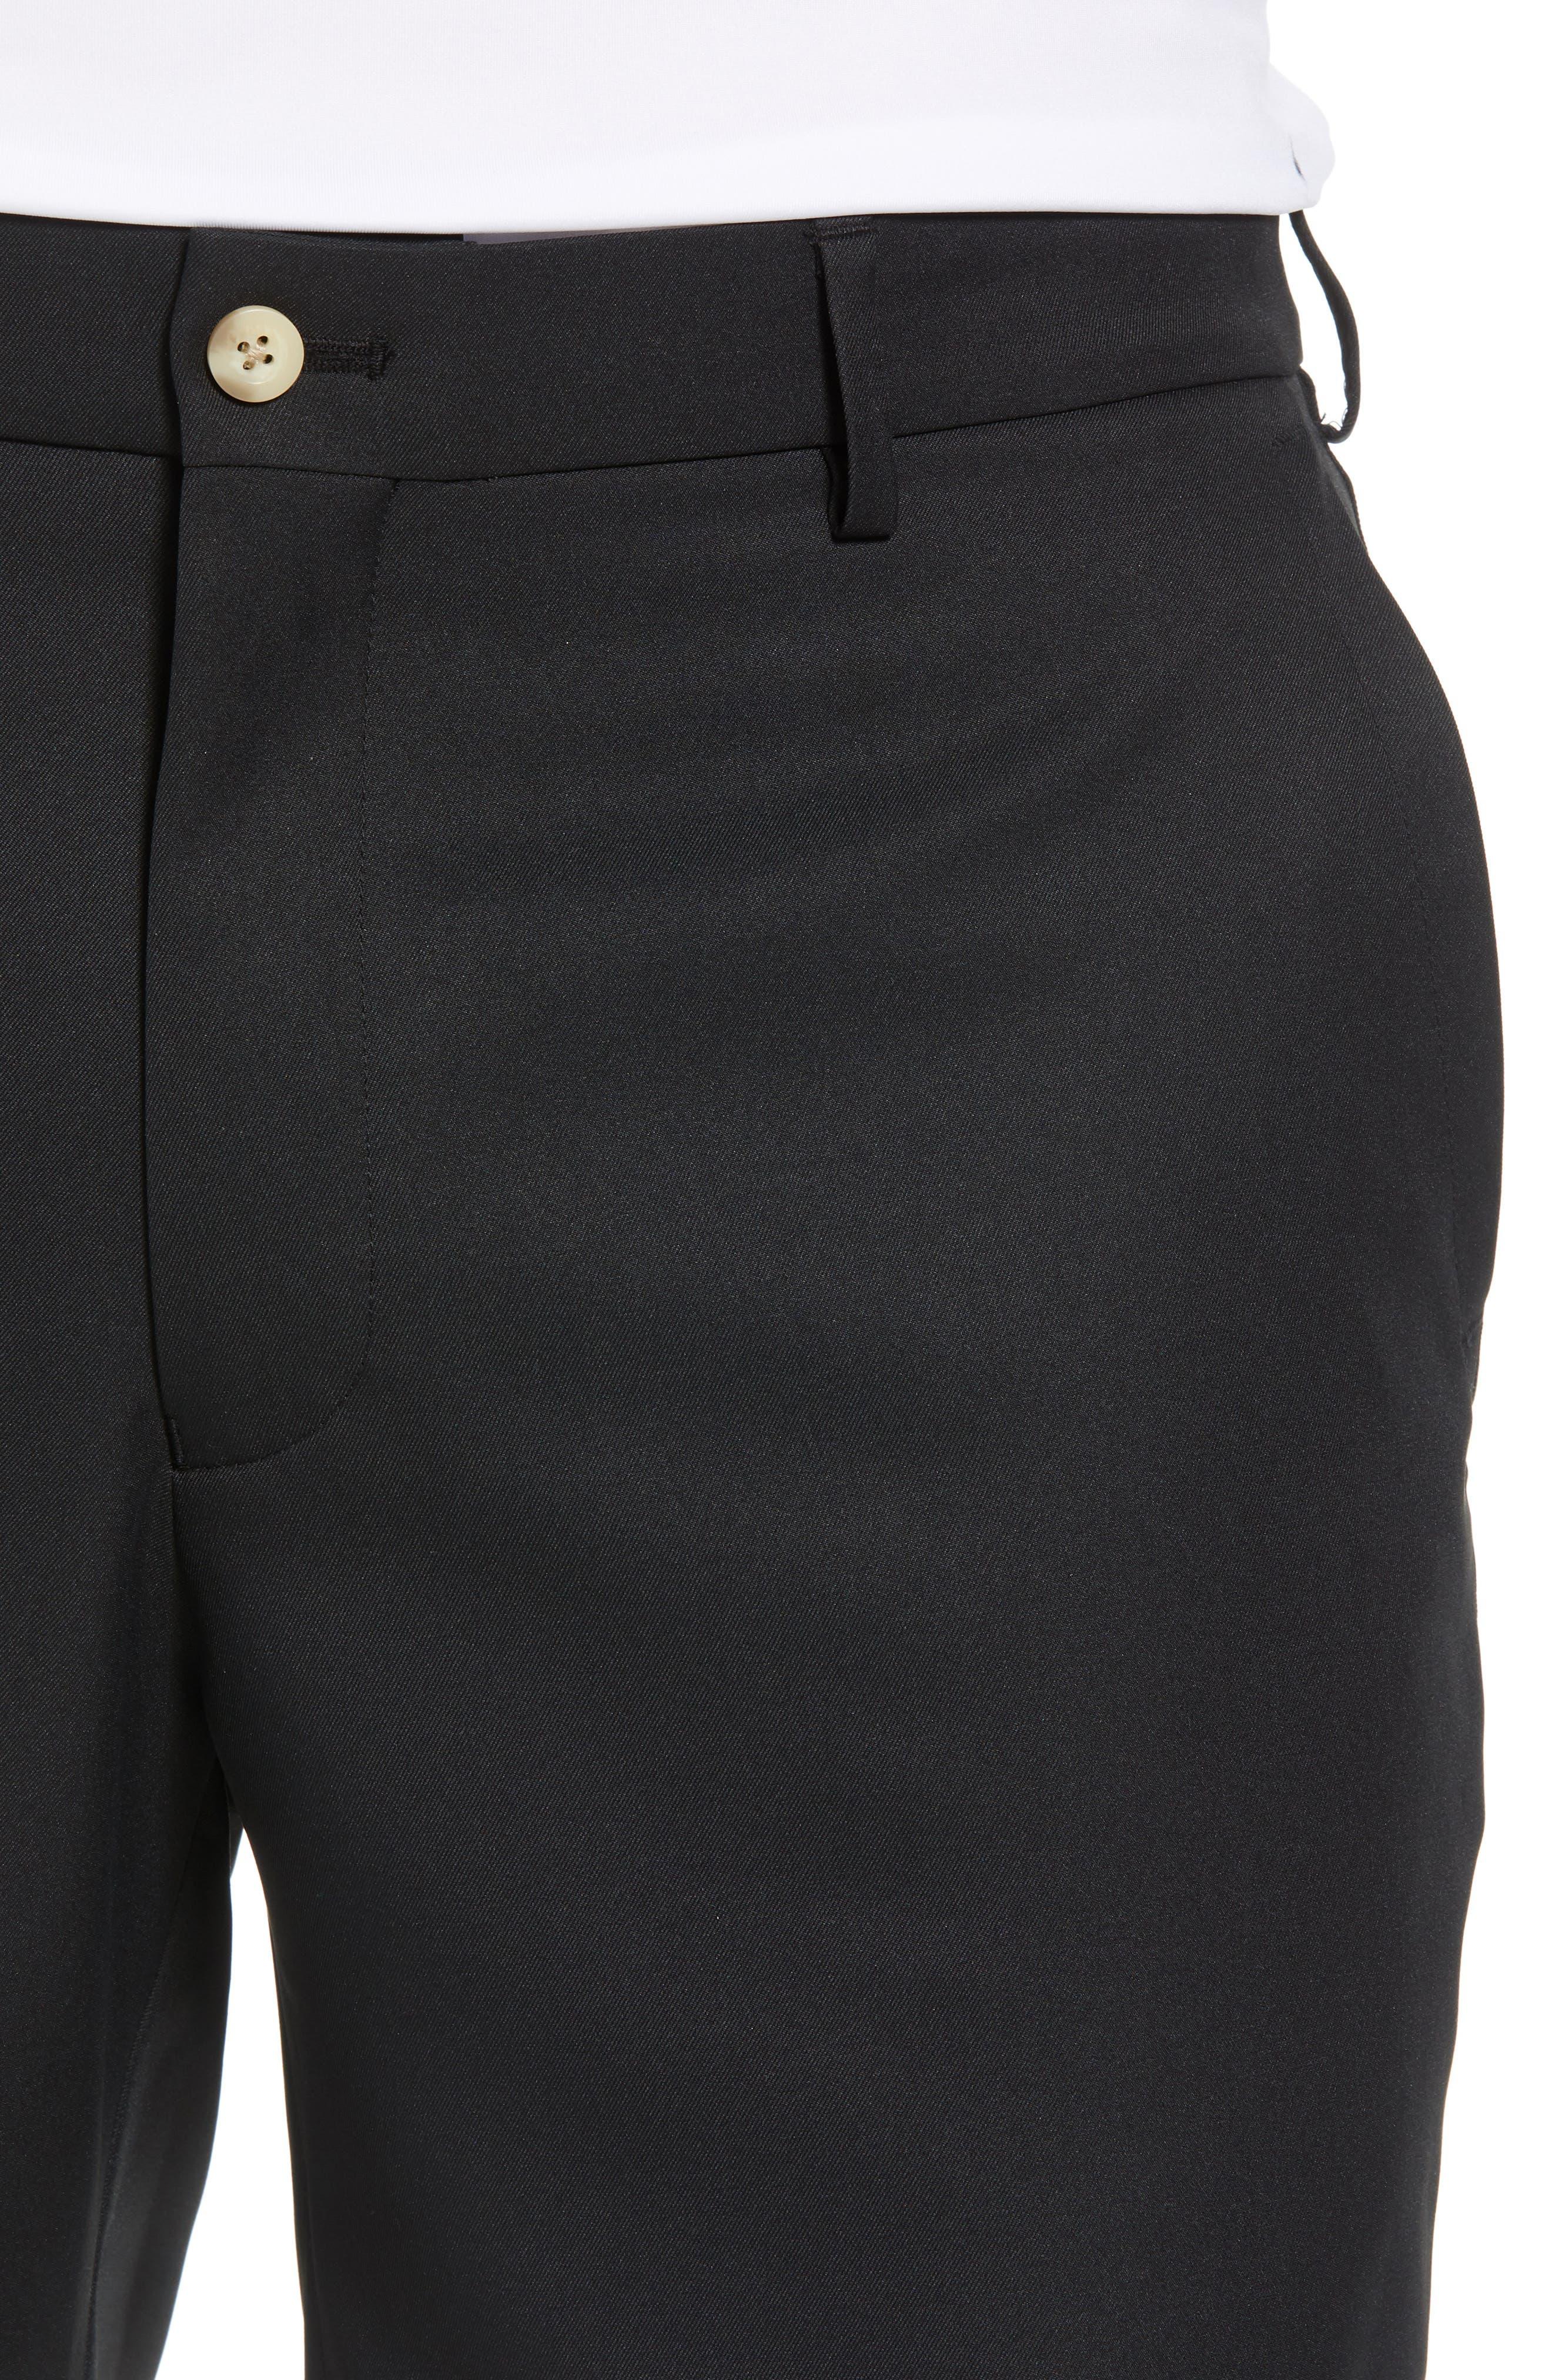 Salem High Drape Performance Shorts,                             Alternate thumbnail 4, color,                             BLACK